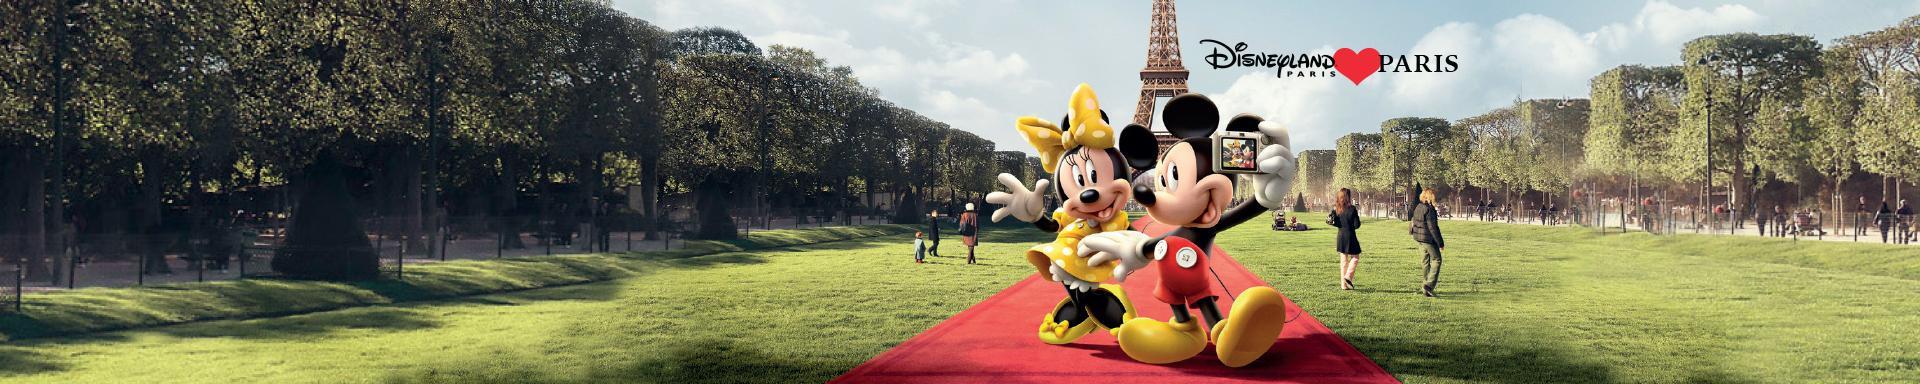 Disneyland Paris Sommer-Sparticket: 3 Tage zum Preis von 2